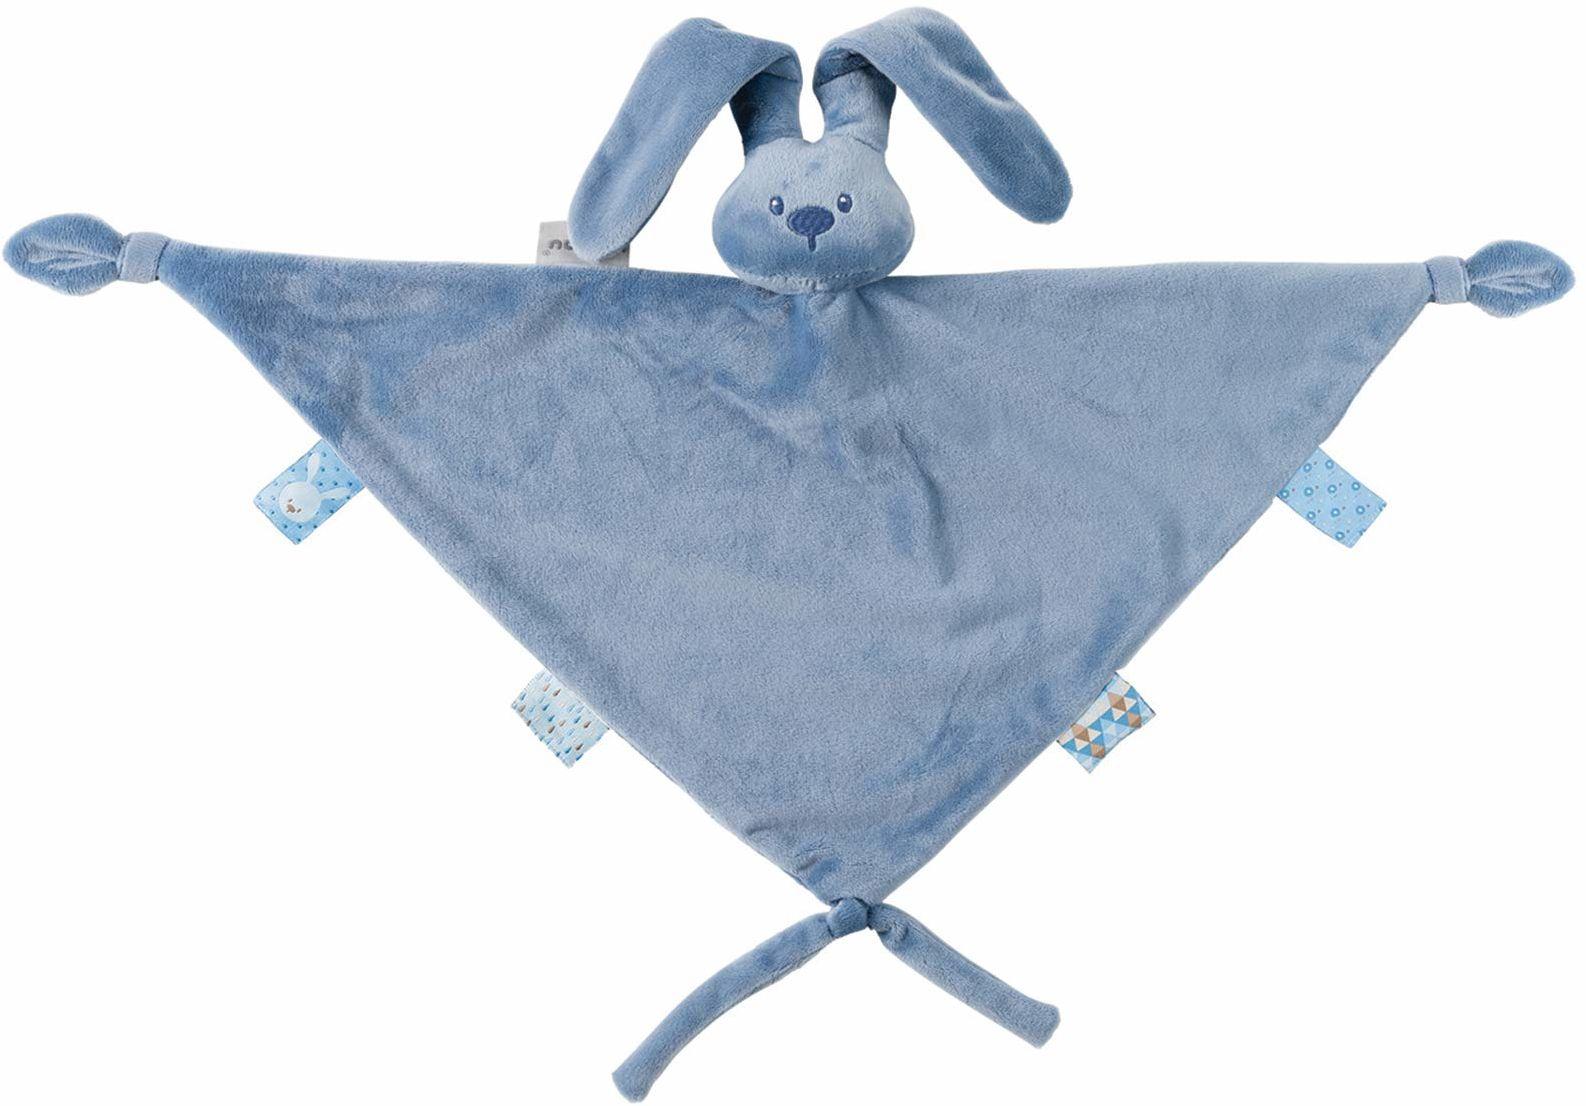 Nattou Duży ręcznik do przepychania zając Lapidou, towarzysz od urodzenia, 65 x 40 cm, Lapidou, niebieski